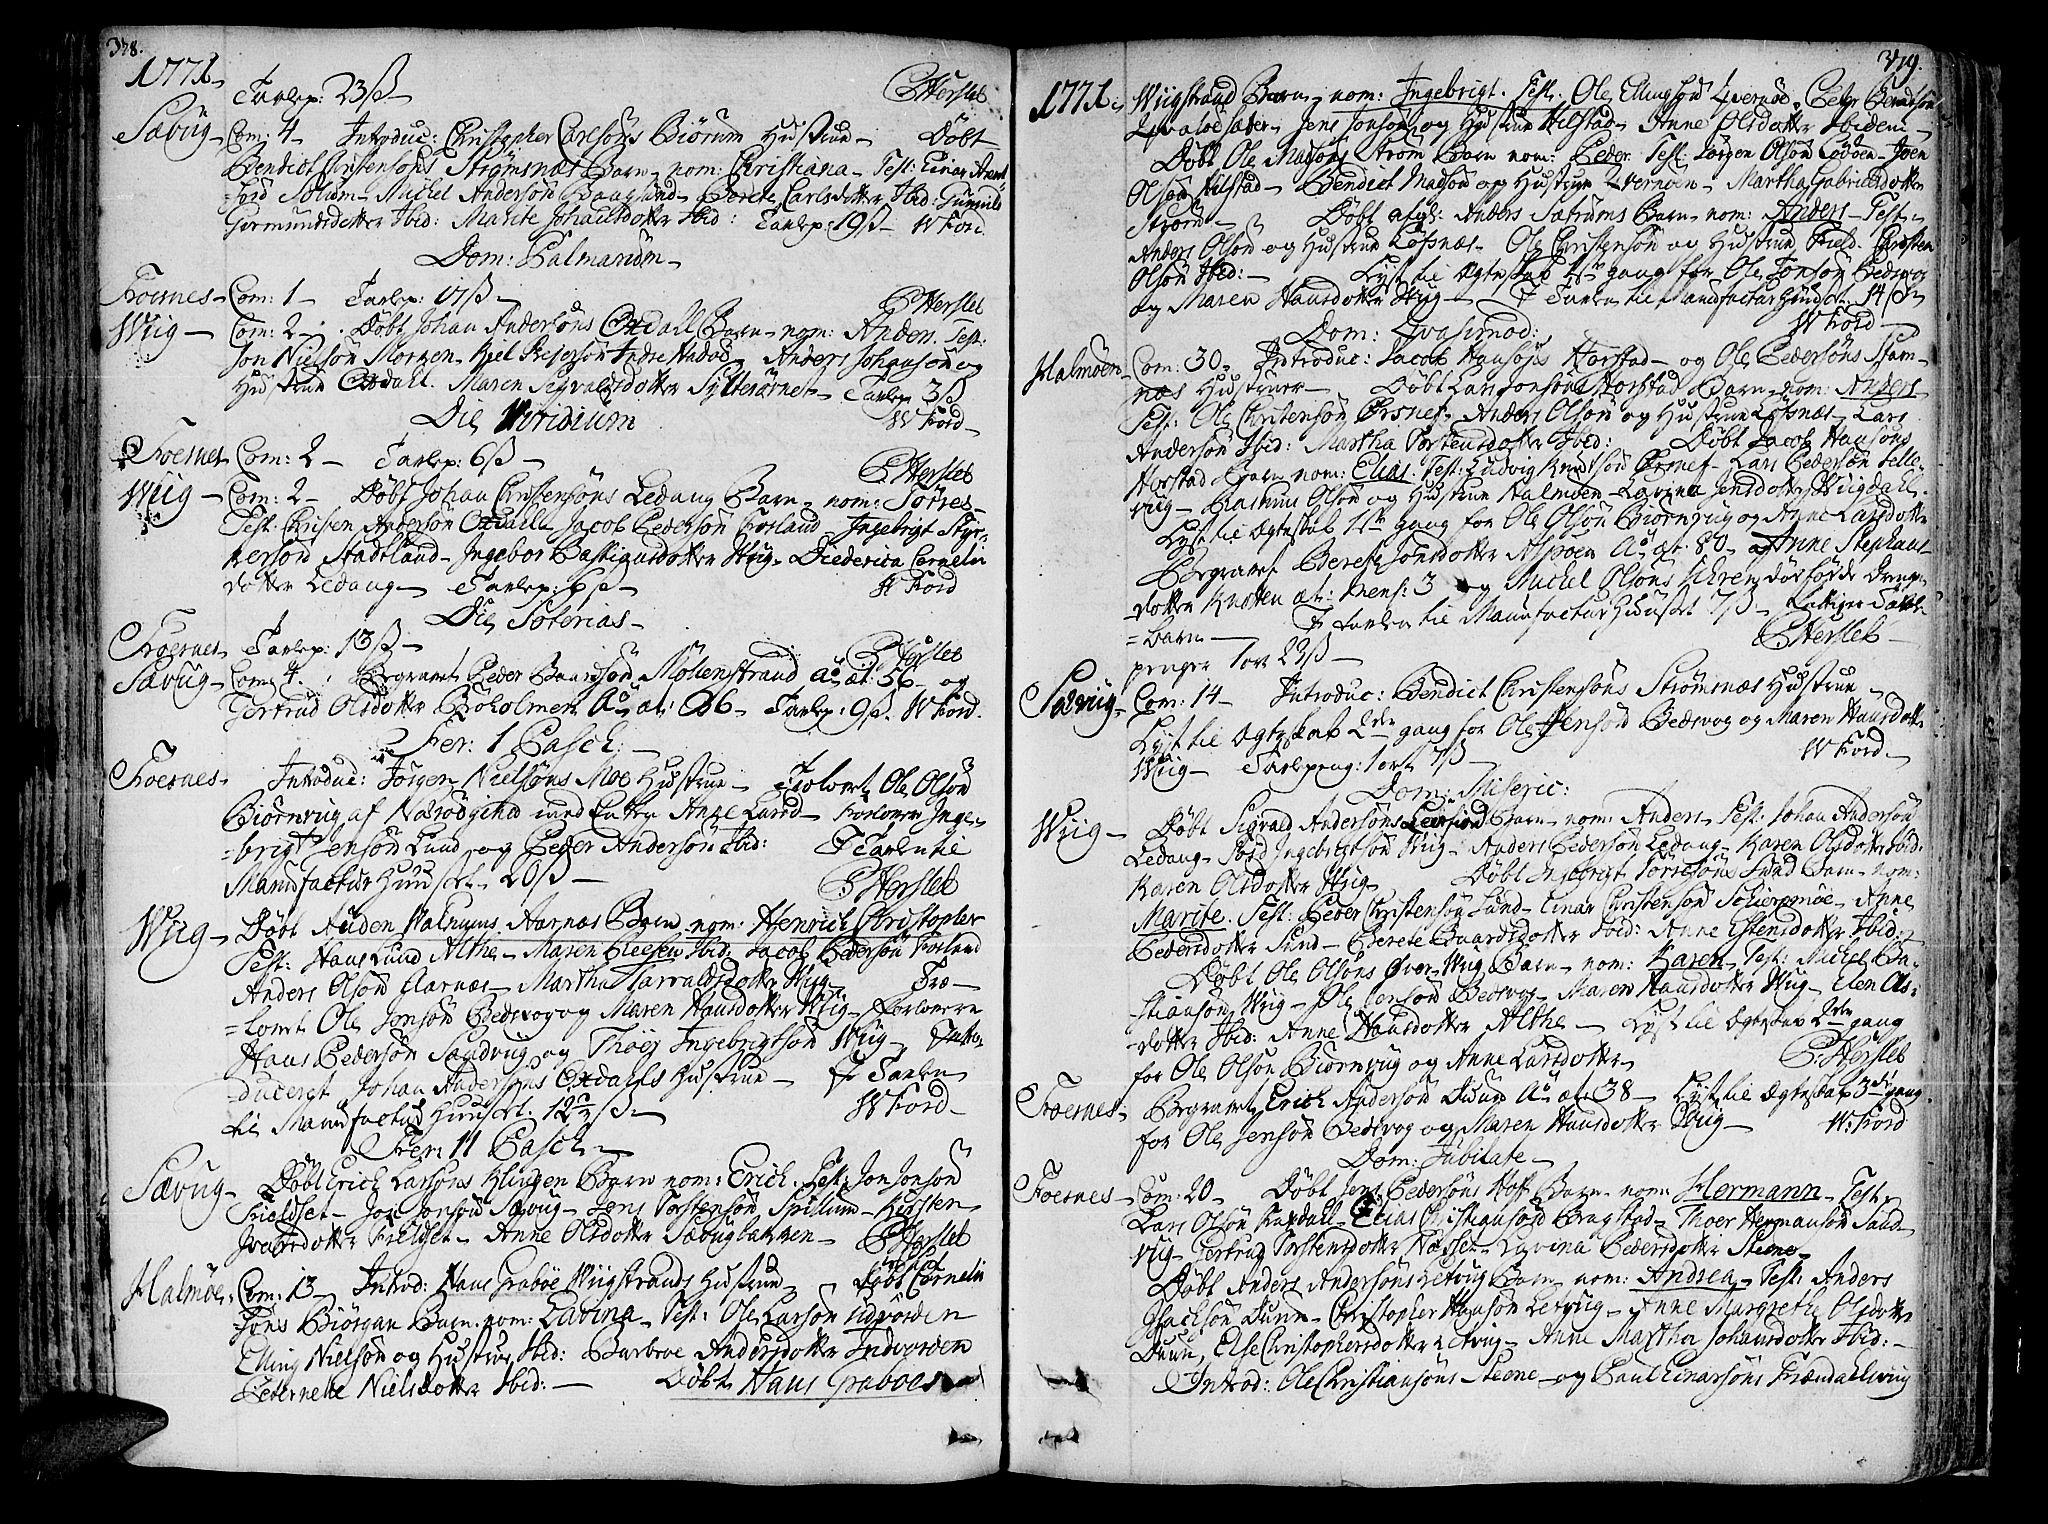 SAT, Ministerialprotokoller, klokkerbøker og fødselsregistre - Nord-Trøndelag, 773/L0607: Ministerialbok nr. 773A01, 1751-1783, s. 378-379